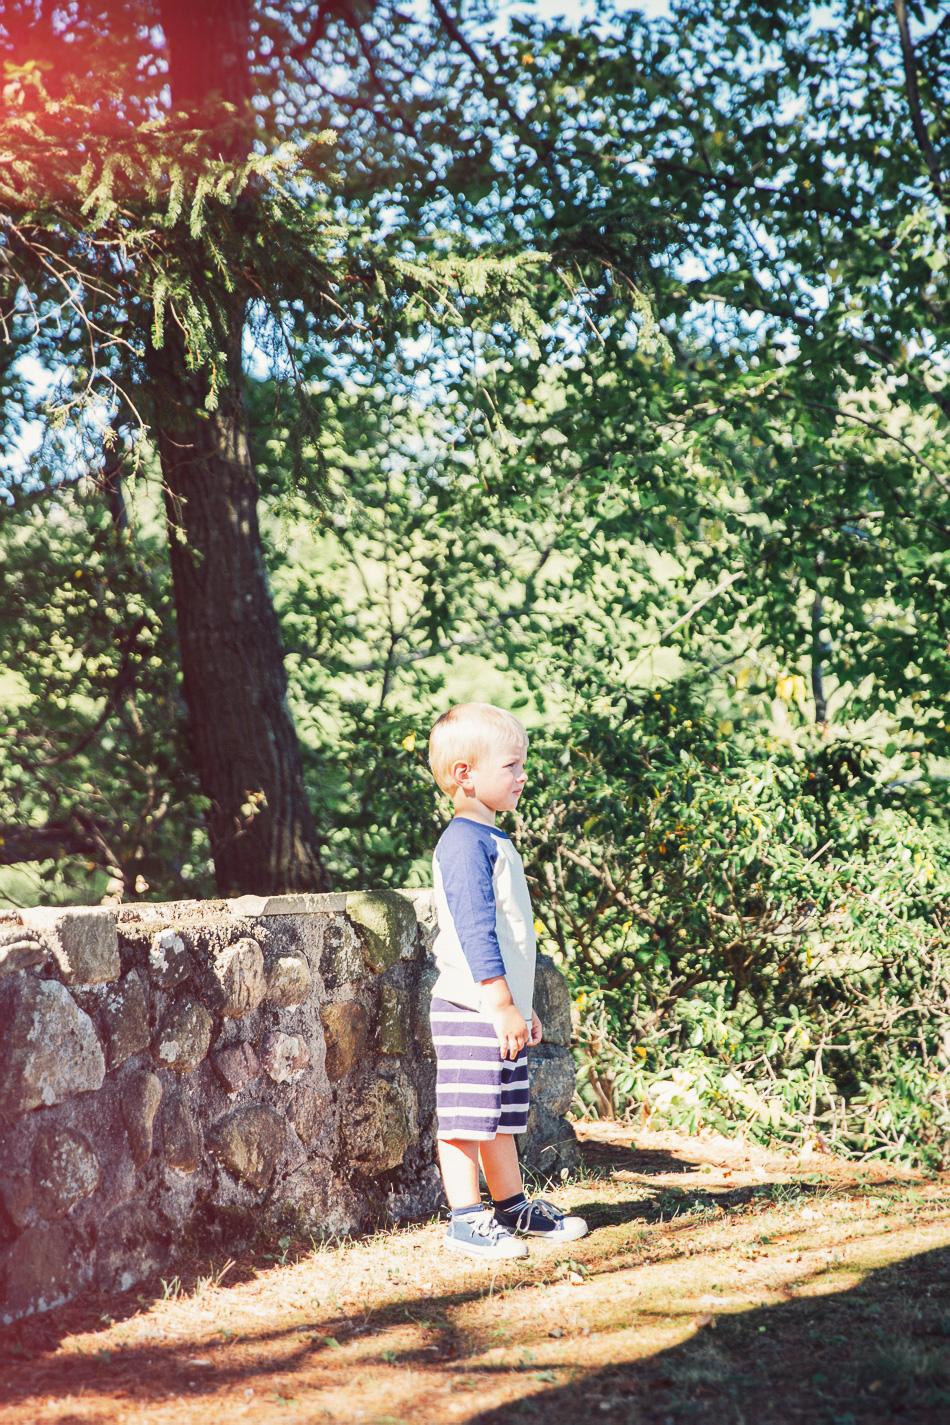 camping_2015-4